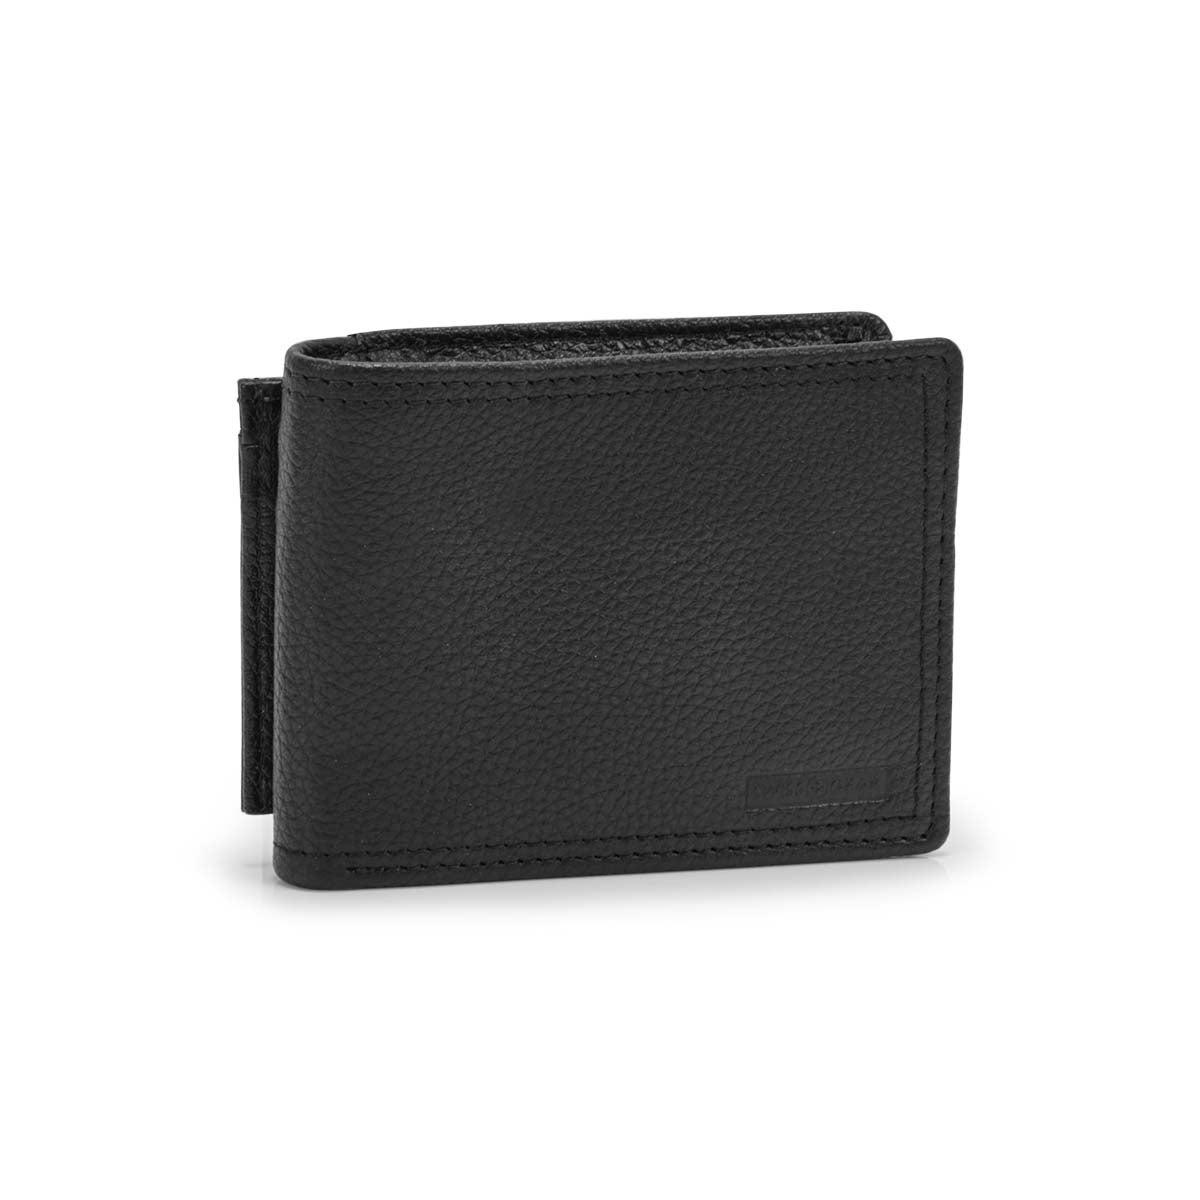 Men's black RFID billfold wallet